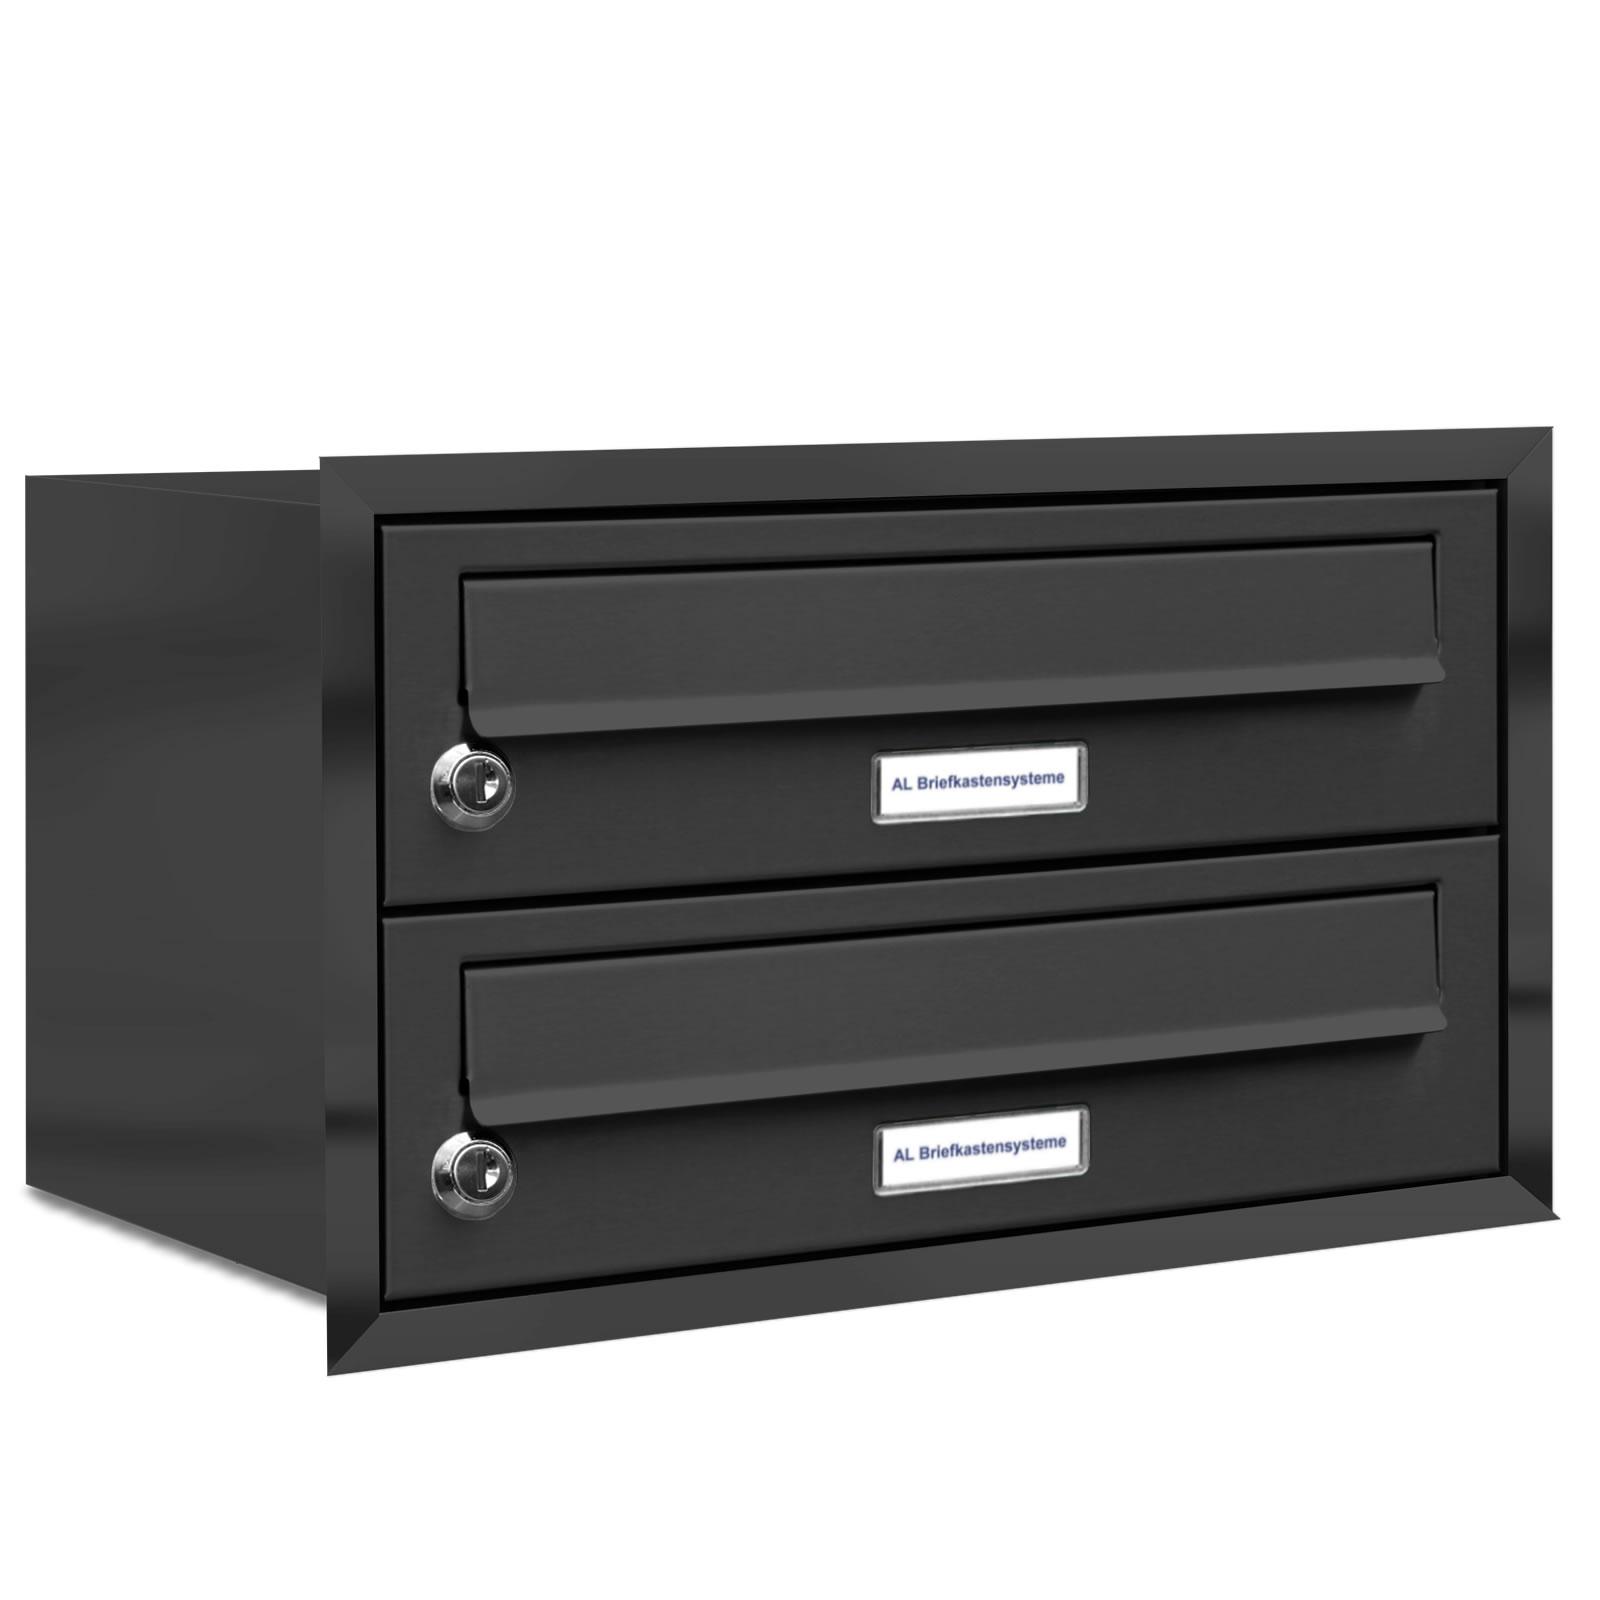 2er briefkasten anlage unterputz montage ral 7016 anthrazit ebay. Black Bedroom Furniture Sets. Home Design Ideas